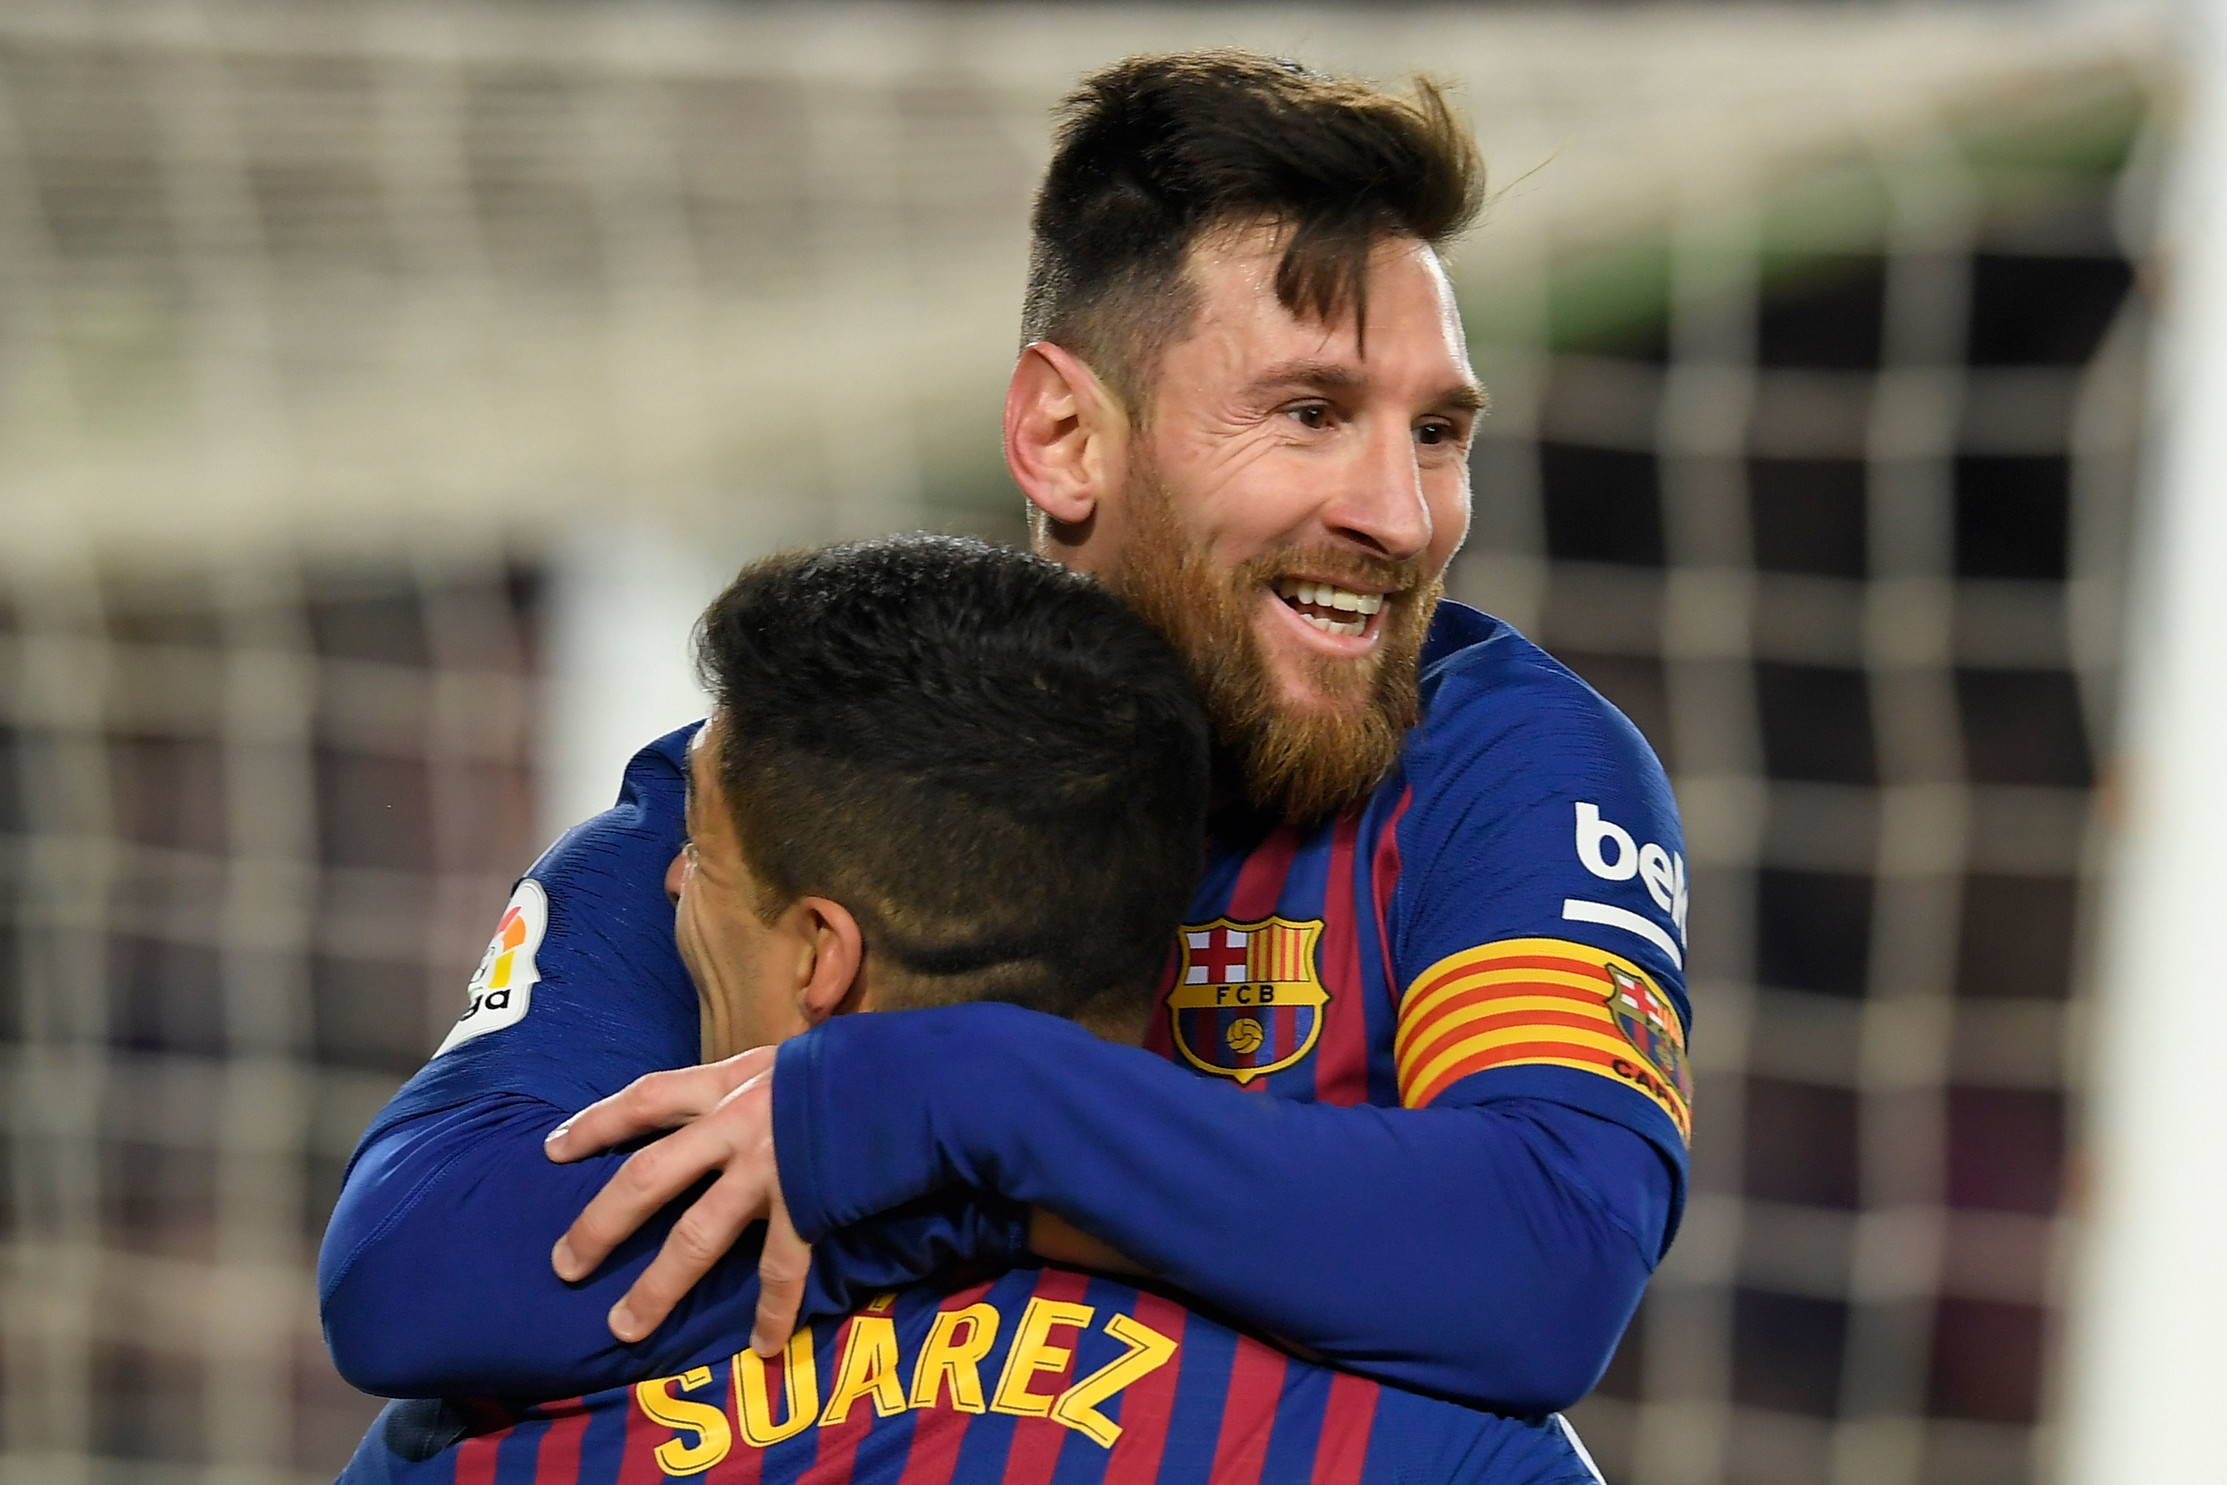 30 gennaio 2019: Messi e Suarez al Barcellona